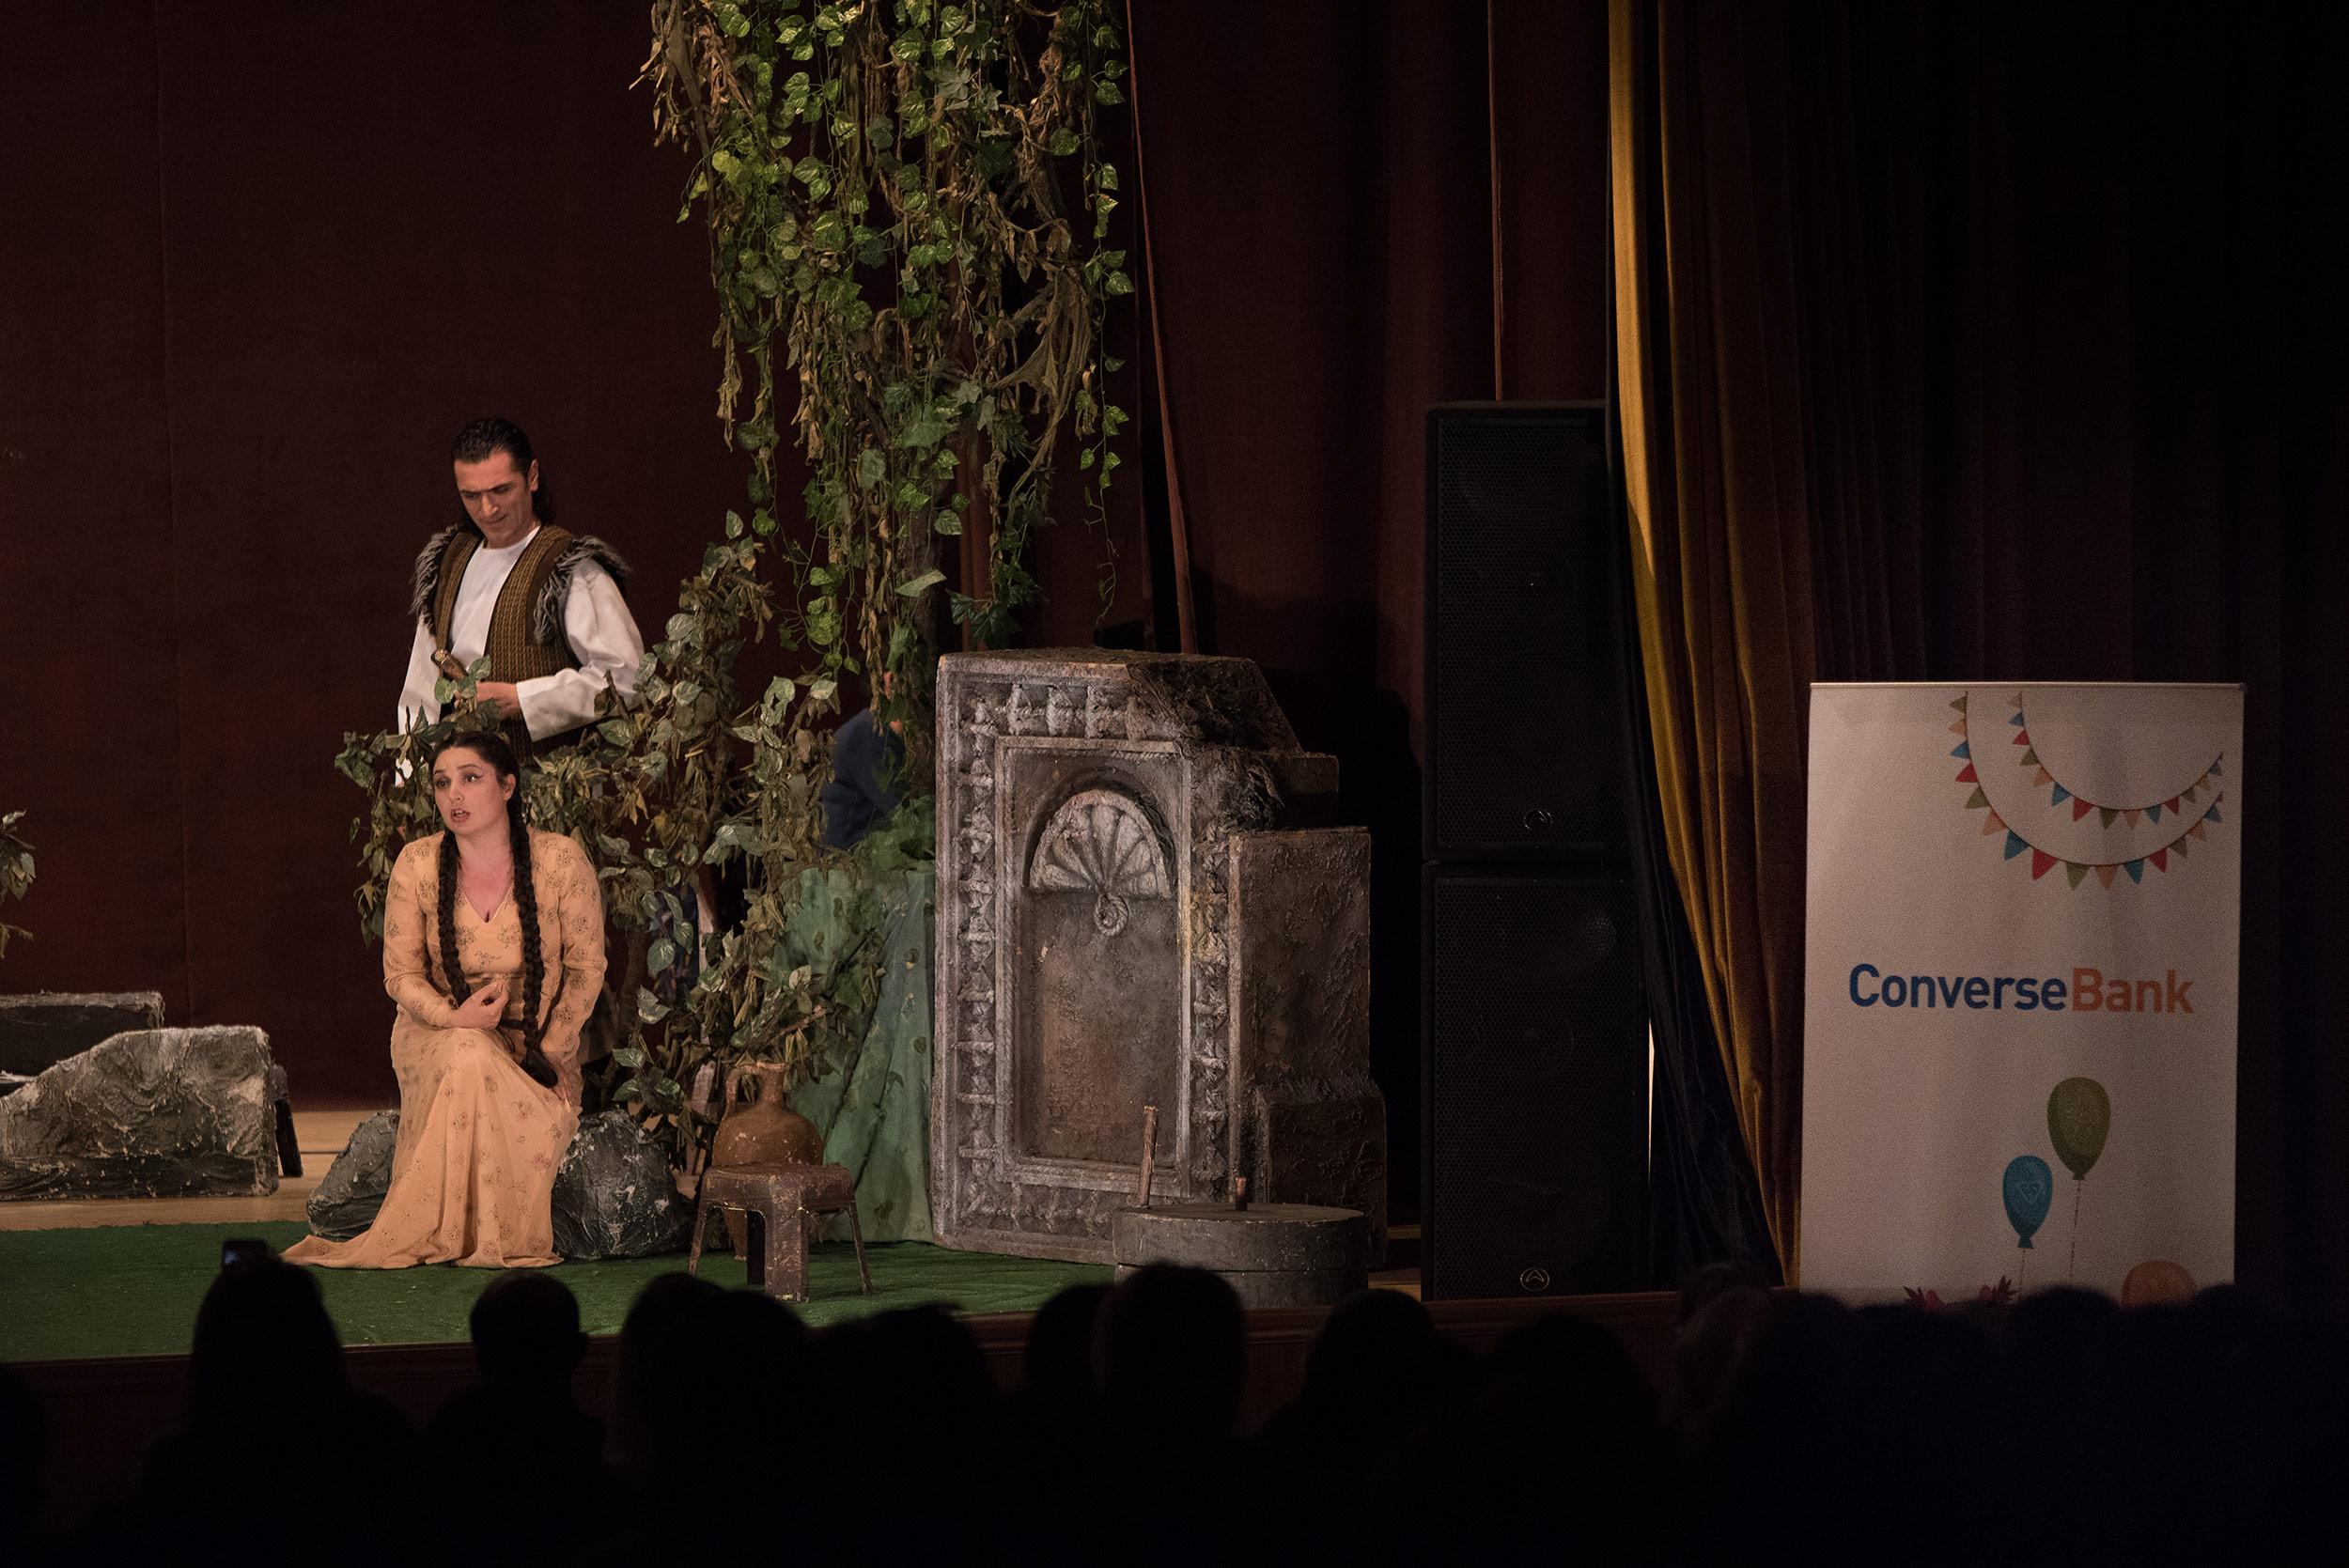 Կոնվերս Բանկ. Վանաձորում ներկայացվել է «Անուշը»